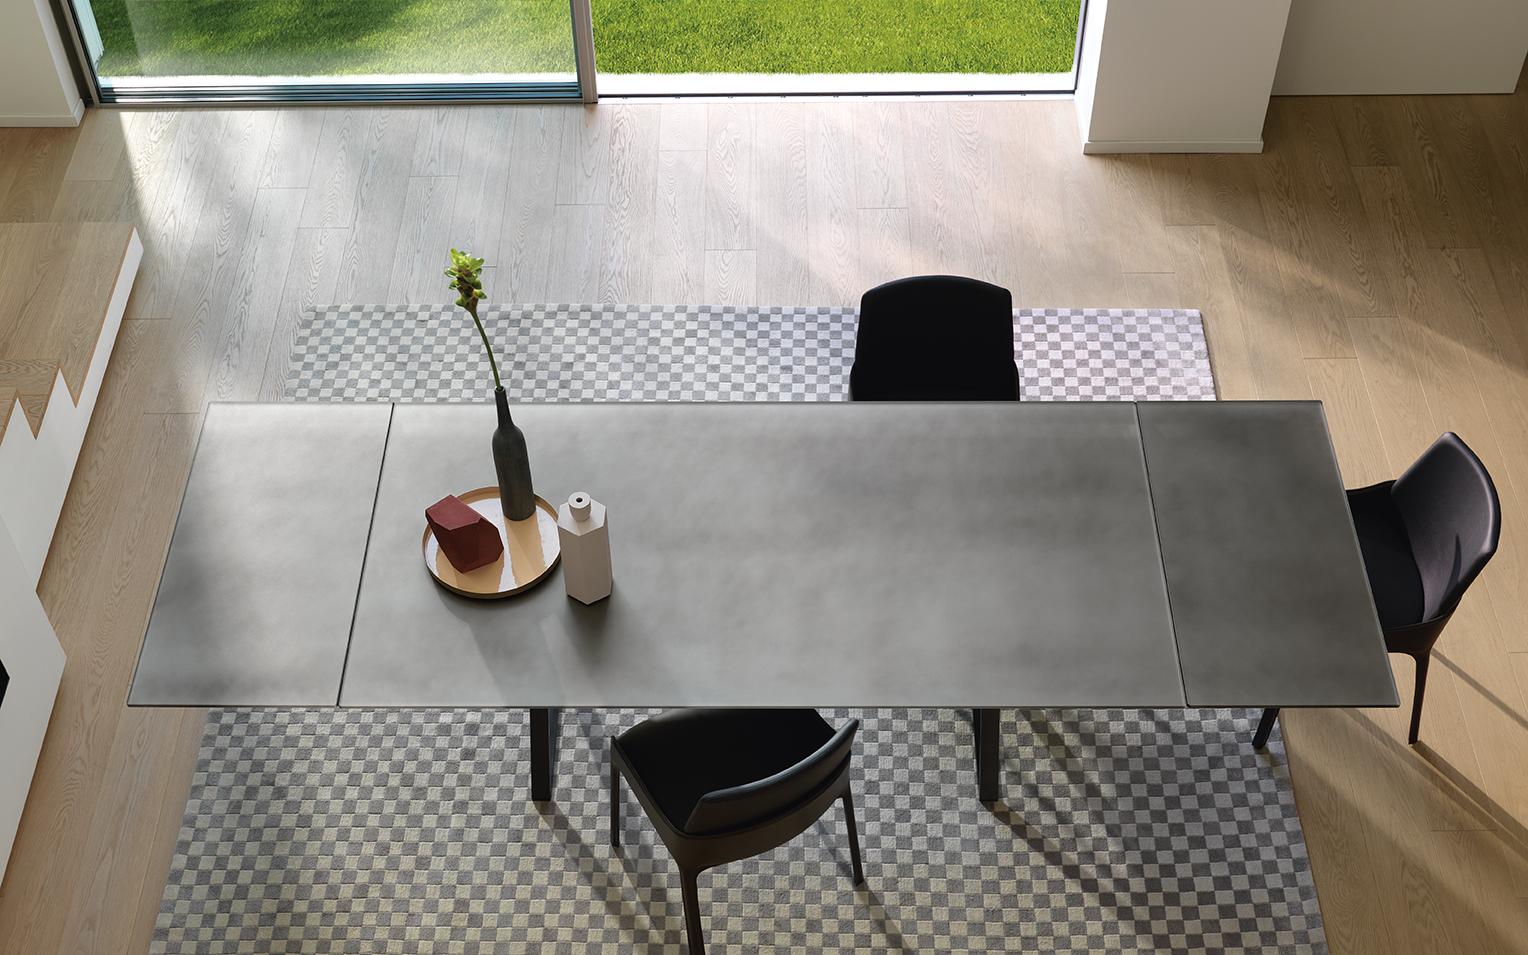 Moderne Eettafel Uitschuifbaar.Fiam Design Eettafel Hype Uitschuifbaar